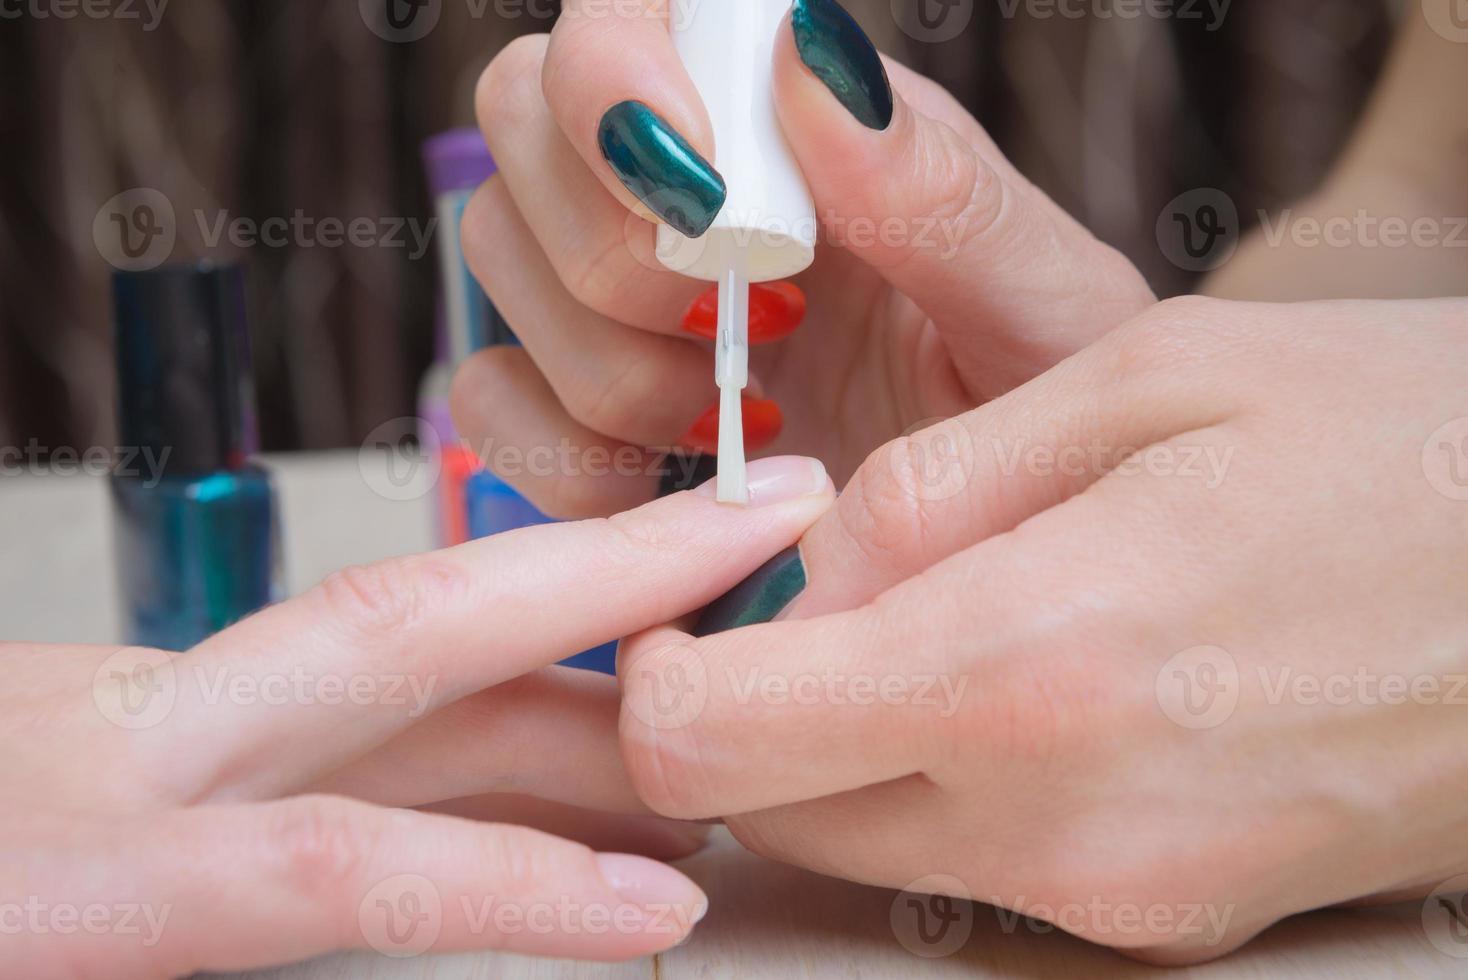 olie nagelriemen, stadium van manicure-proces foto